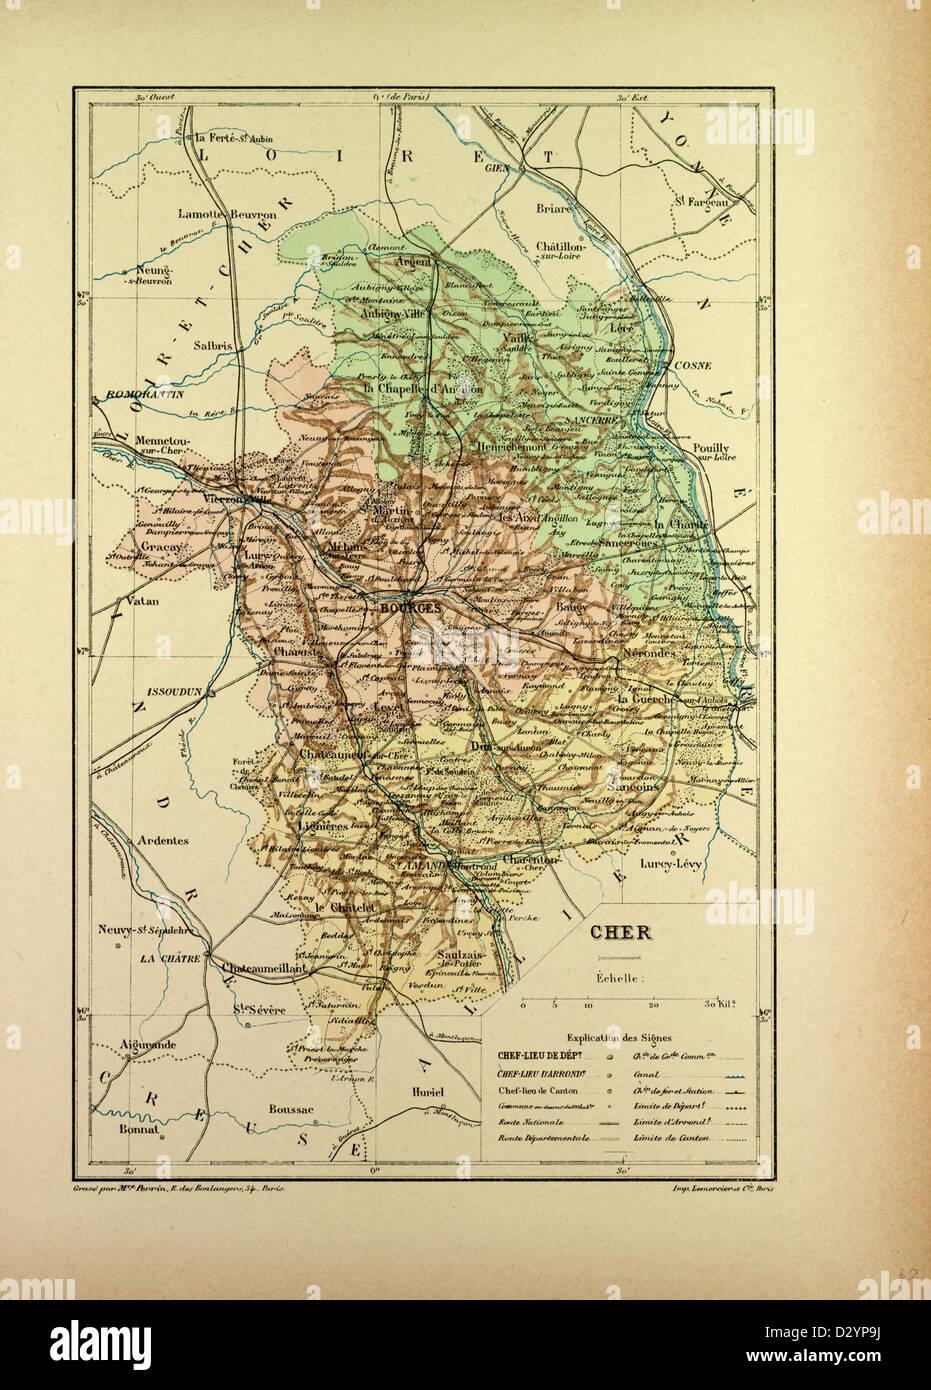 Mapa de Francia Cher Imagen De Stock